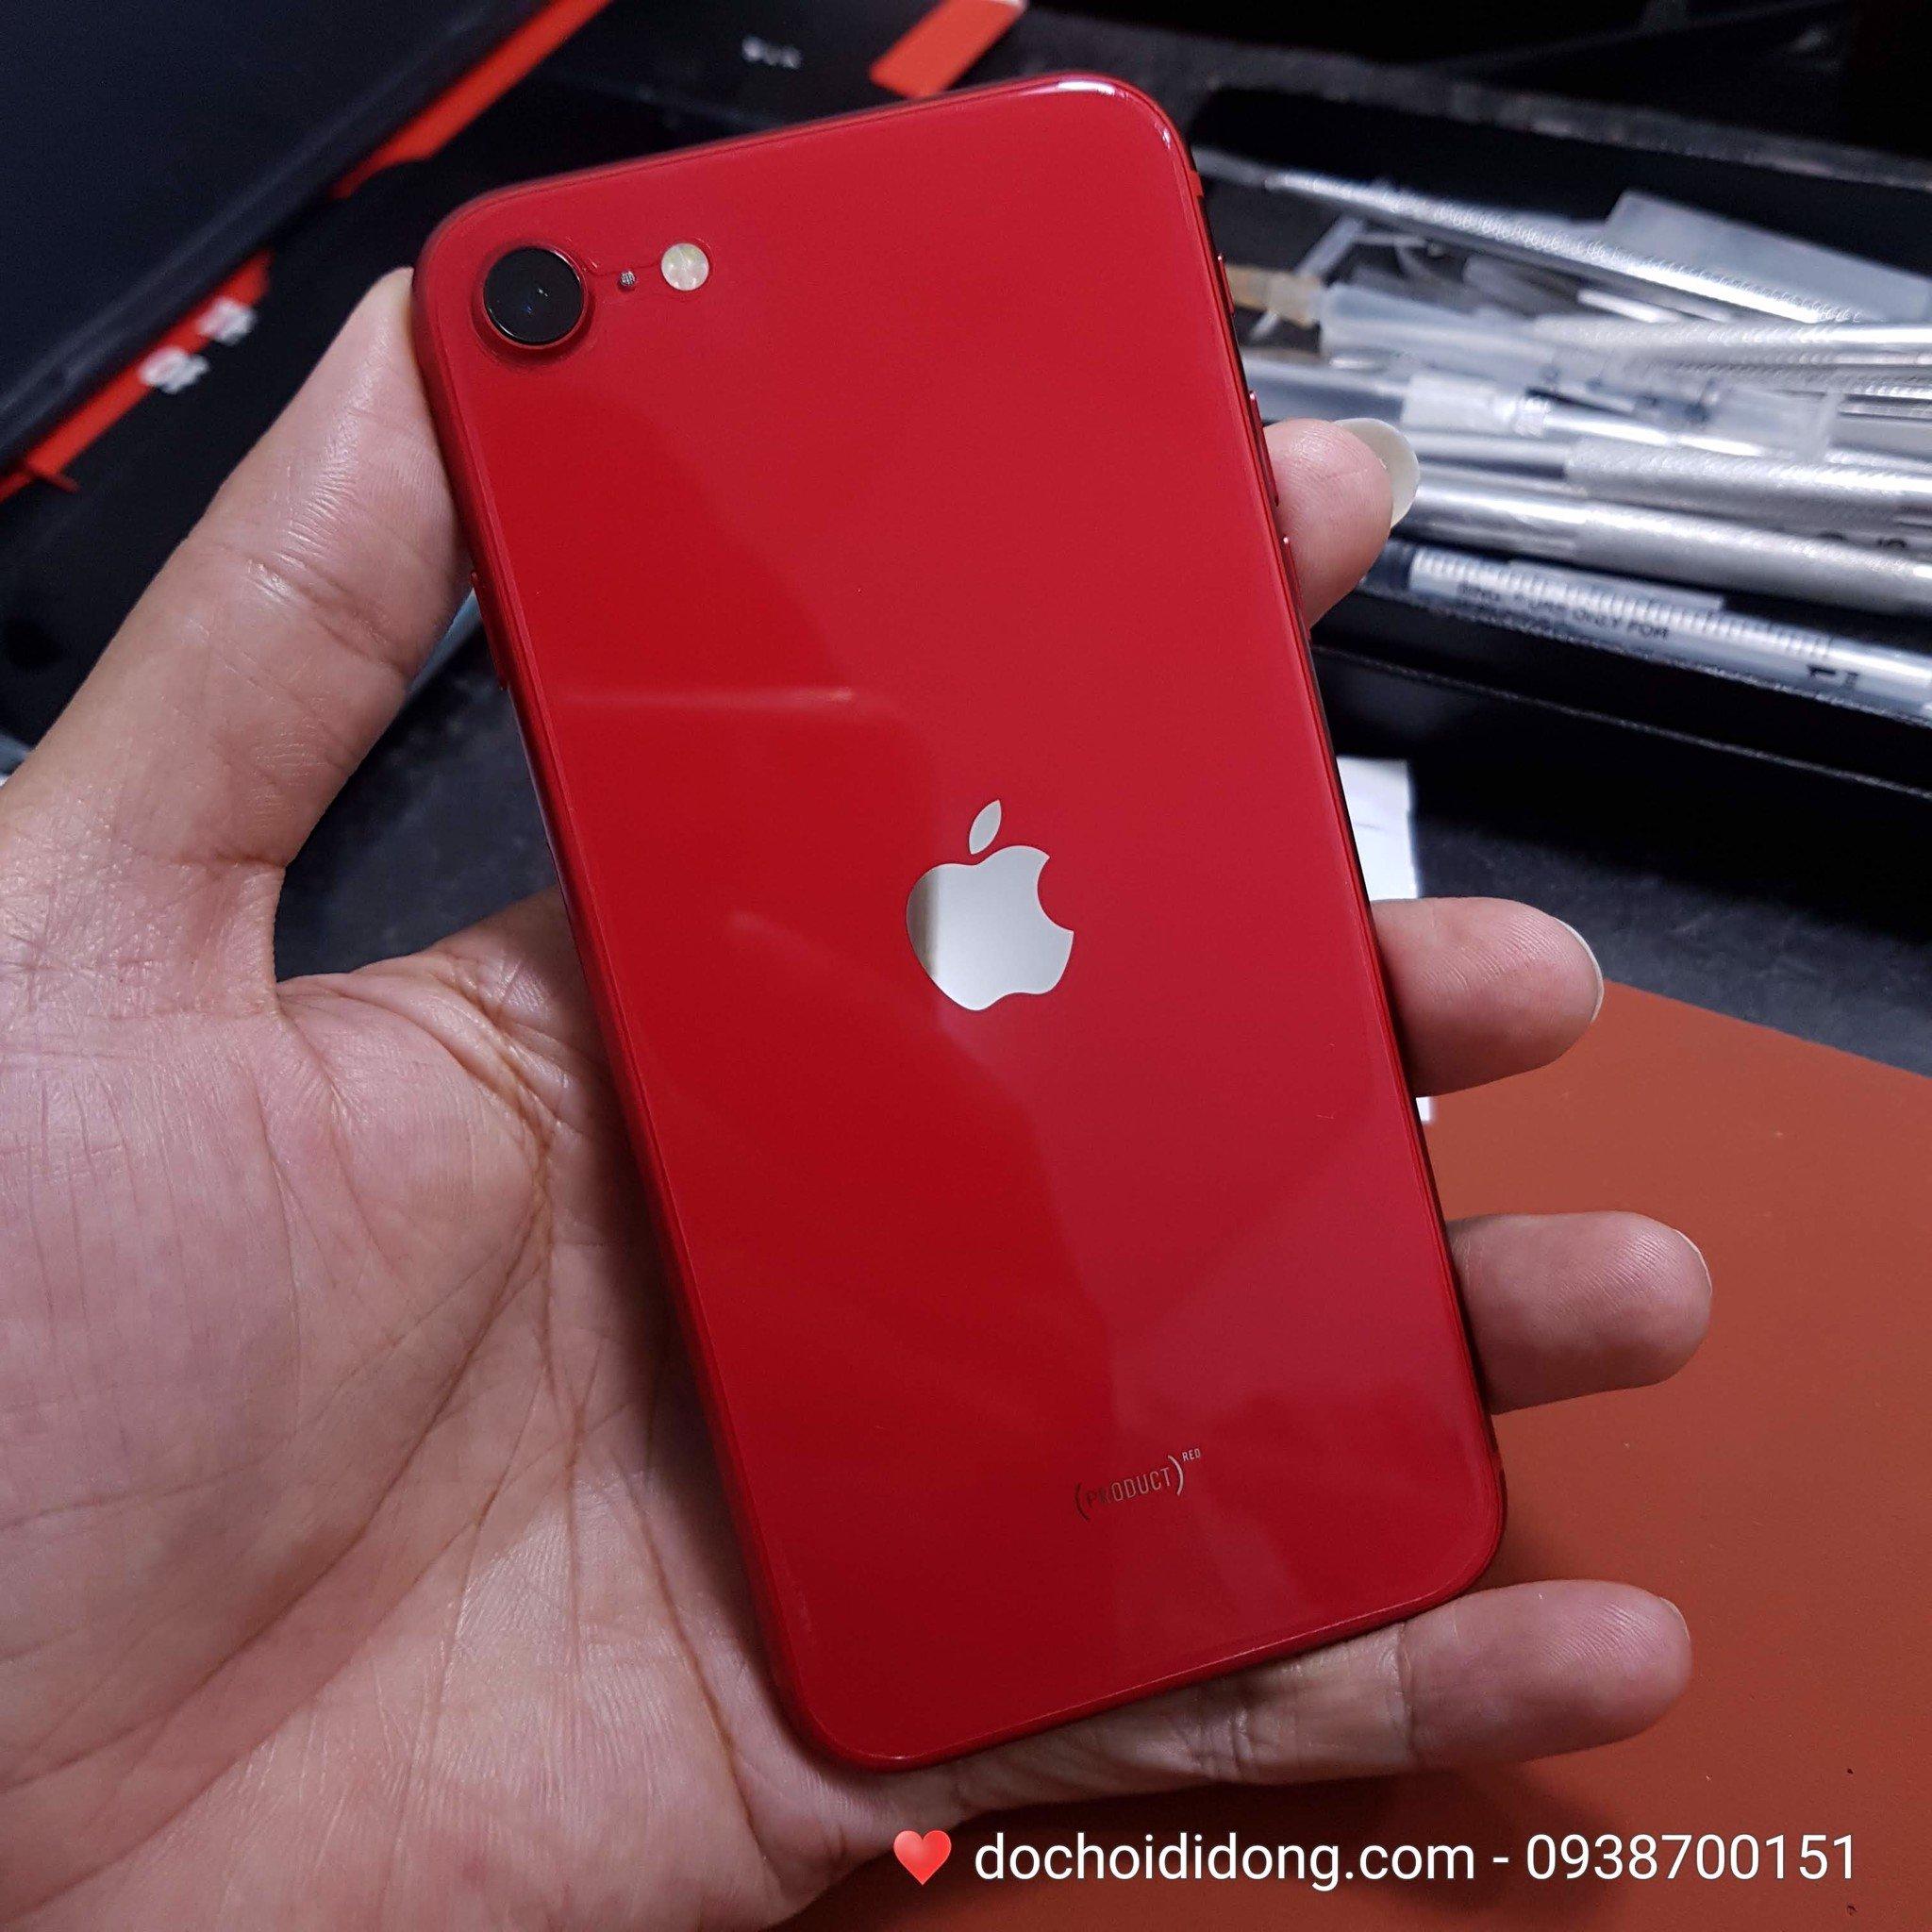 Miếng dán PPF Rock IPhone SE 2020 trong, nhám, đổi màu cao cấp